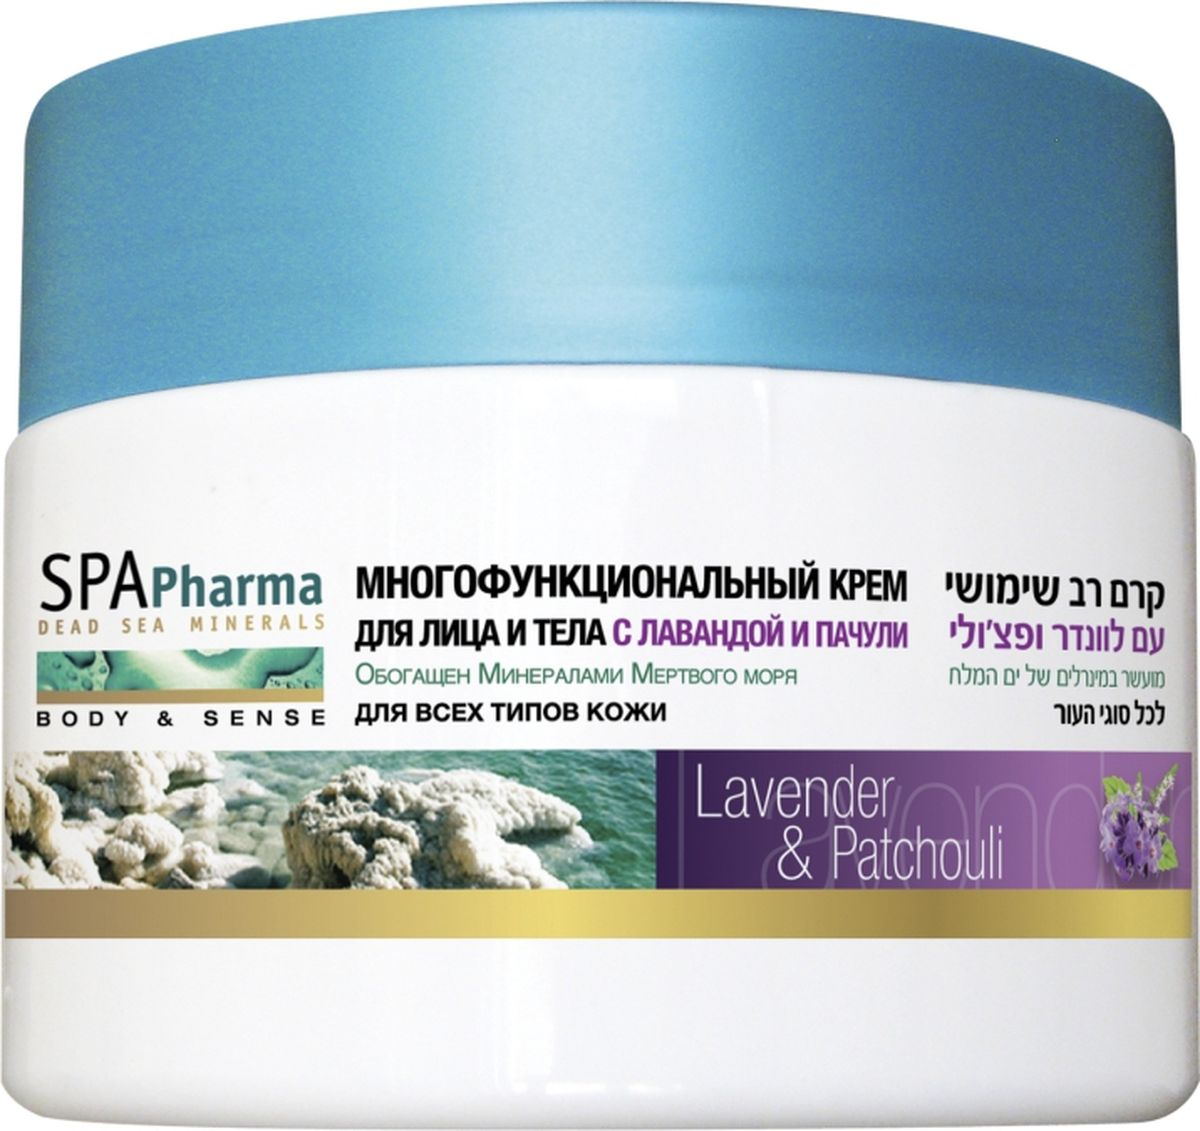 Spa Pharma Многофункциональный крем для лица и тела с лавандой и пачули, Spa Pharma 350 млSPh15923 в 1: успокаивает, омолаживает и питает даже глубокие слои эпидермиса. Масло лаванды обладает восстанавливающим и противоаллергенными эффектом, а масло пачули омолаживает кожу и делает ее более упругой.Густой жирный крем для лица и тела подходит всей семье, любому типу кожи.